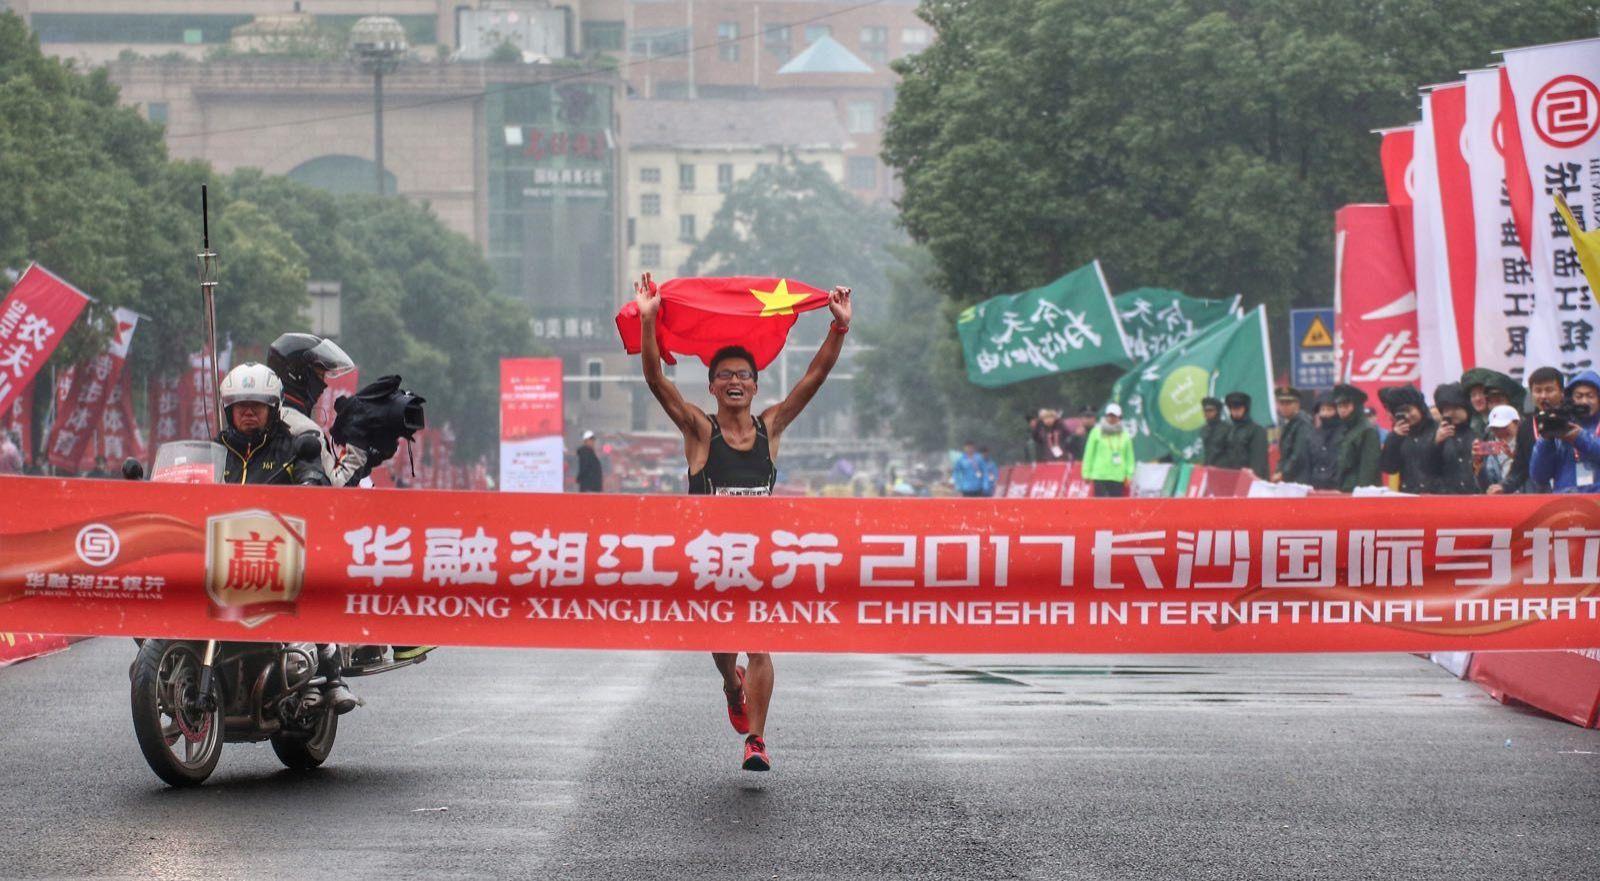 一寸照片的尺寸是多少_中国河南总人口是多少